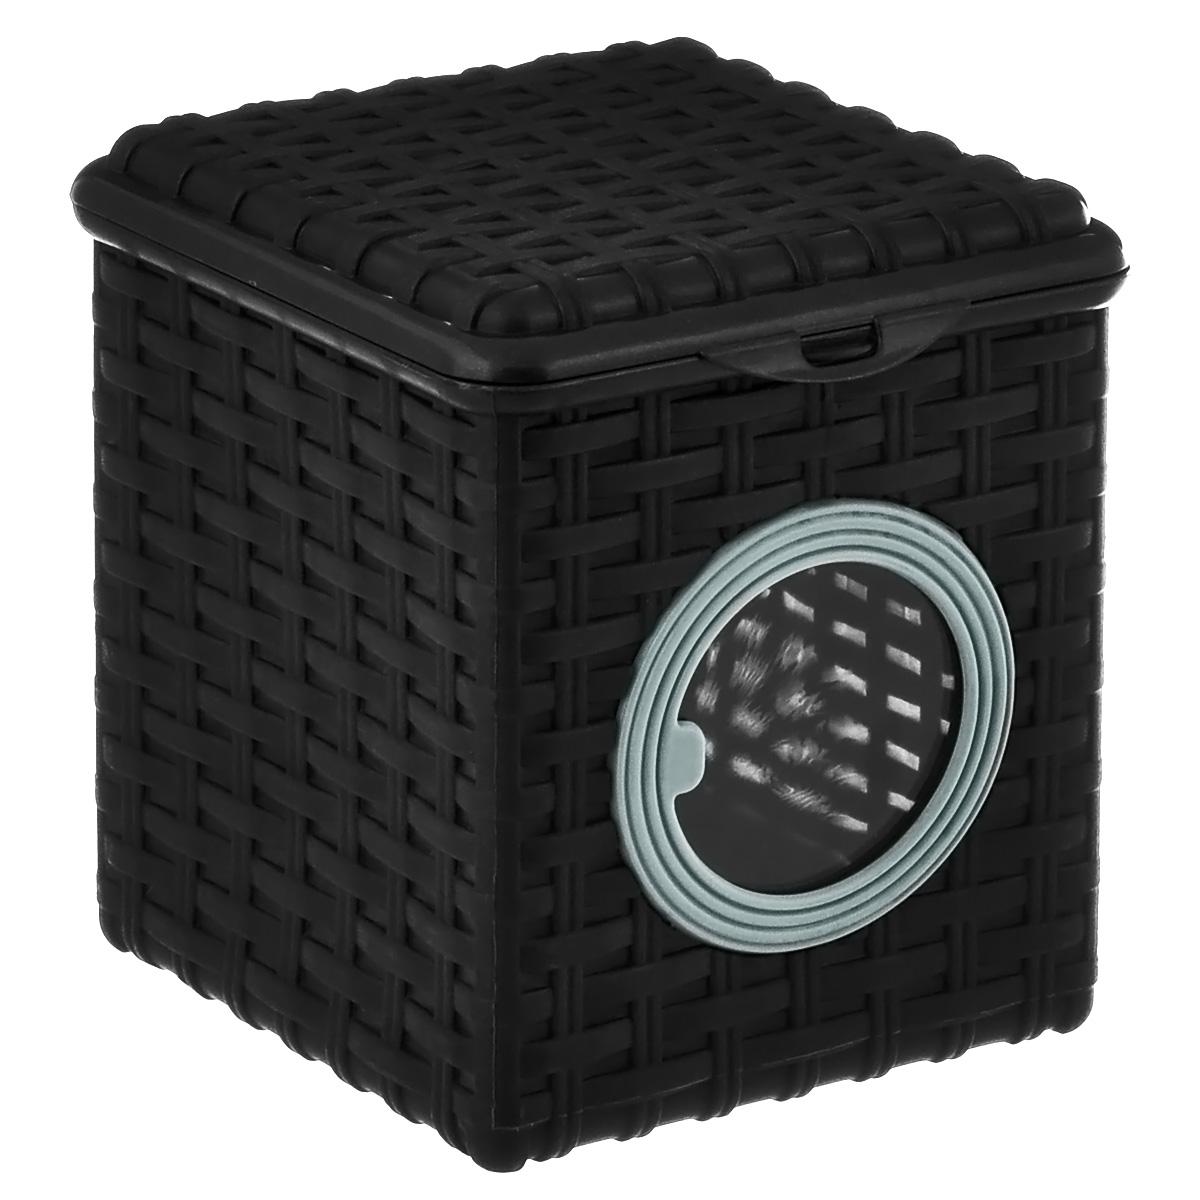 Контейнер для мелочей Violet, цвет: черный, 16 см х 17 см х 18 см2003/7Квадратный контейнер Violet изготовлен из прочного пластика и оформлен плетением под корзинку. Контейнер имеет прозрачное пластиковое окошко. Также у контейнера имеется откидная крышка, которая закрывается на защелку. Контейнер Violet идеально подойдет для хранения различных мелочей.Размер: 16 см х 17 см.Высота стенки: 18 см. Объем: 3 л.